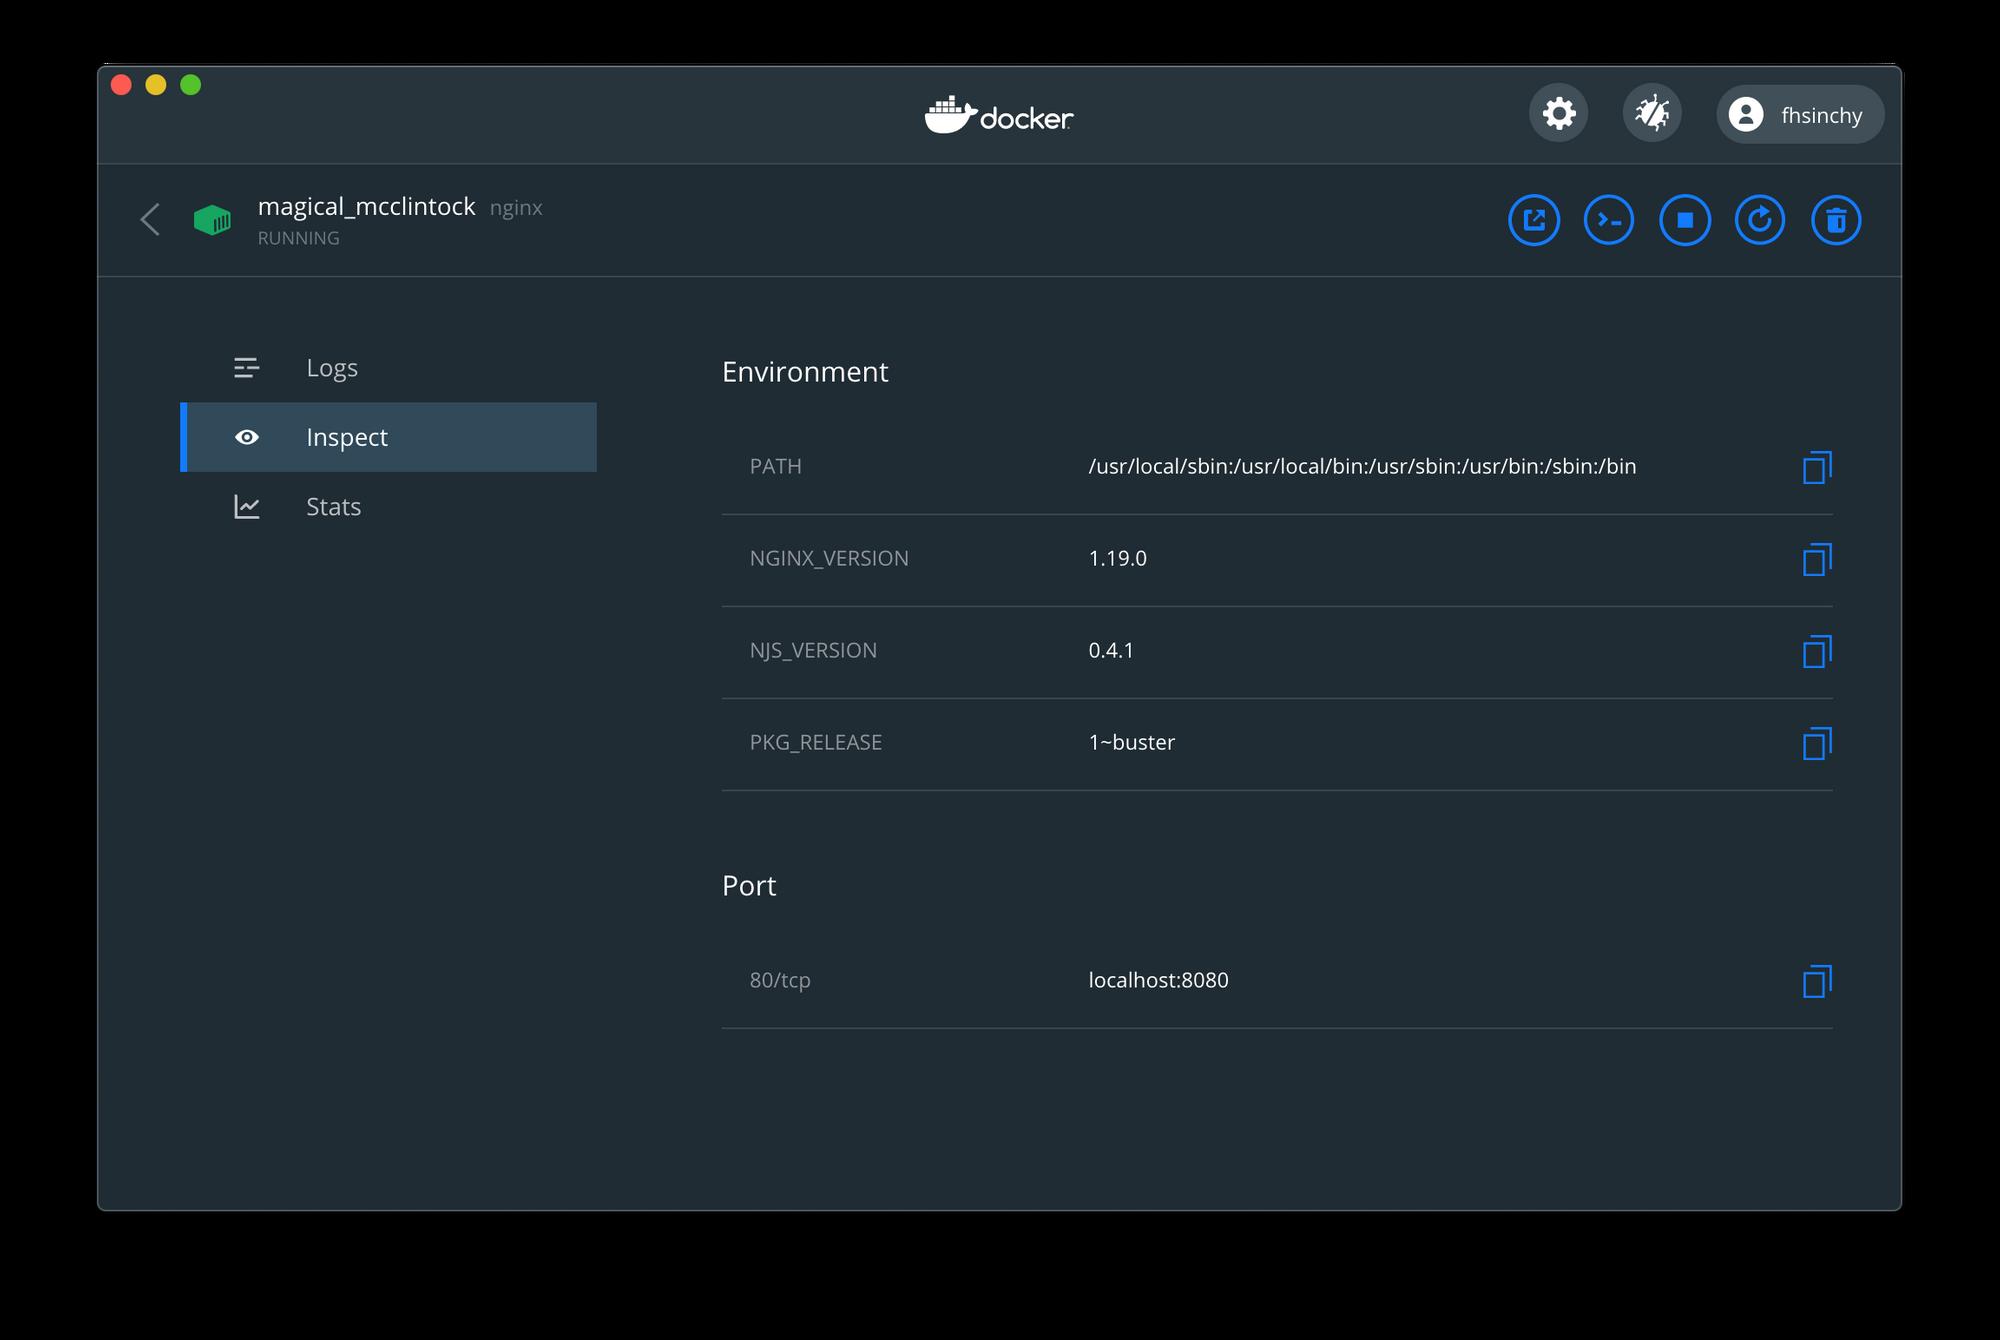 Dockerダッシュボードのポートマッピング